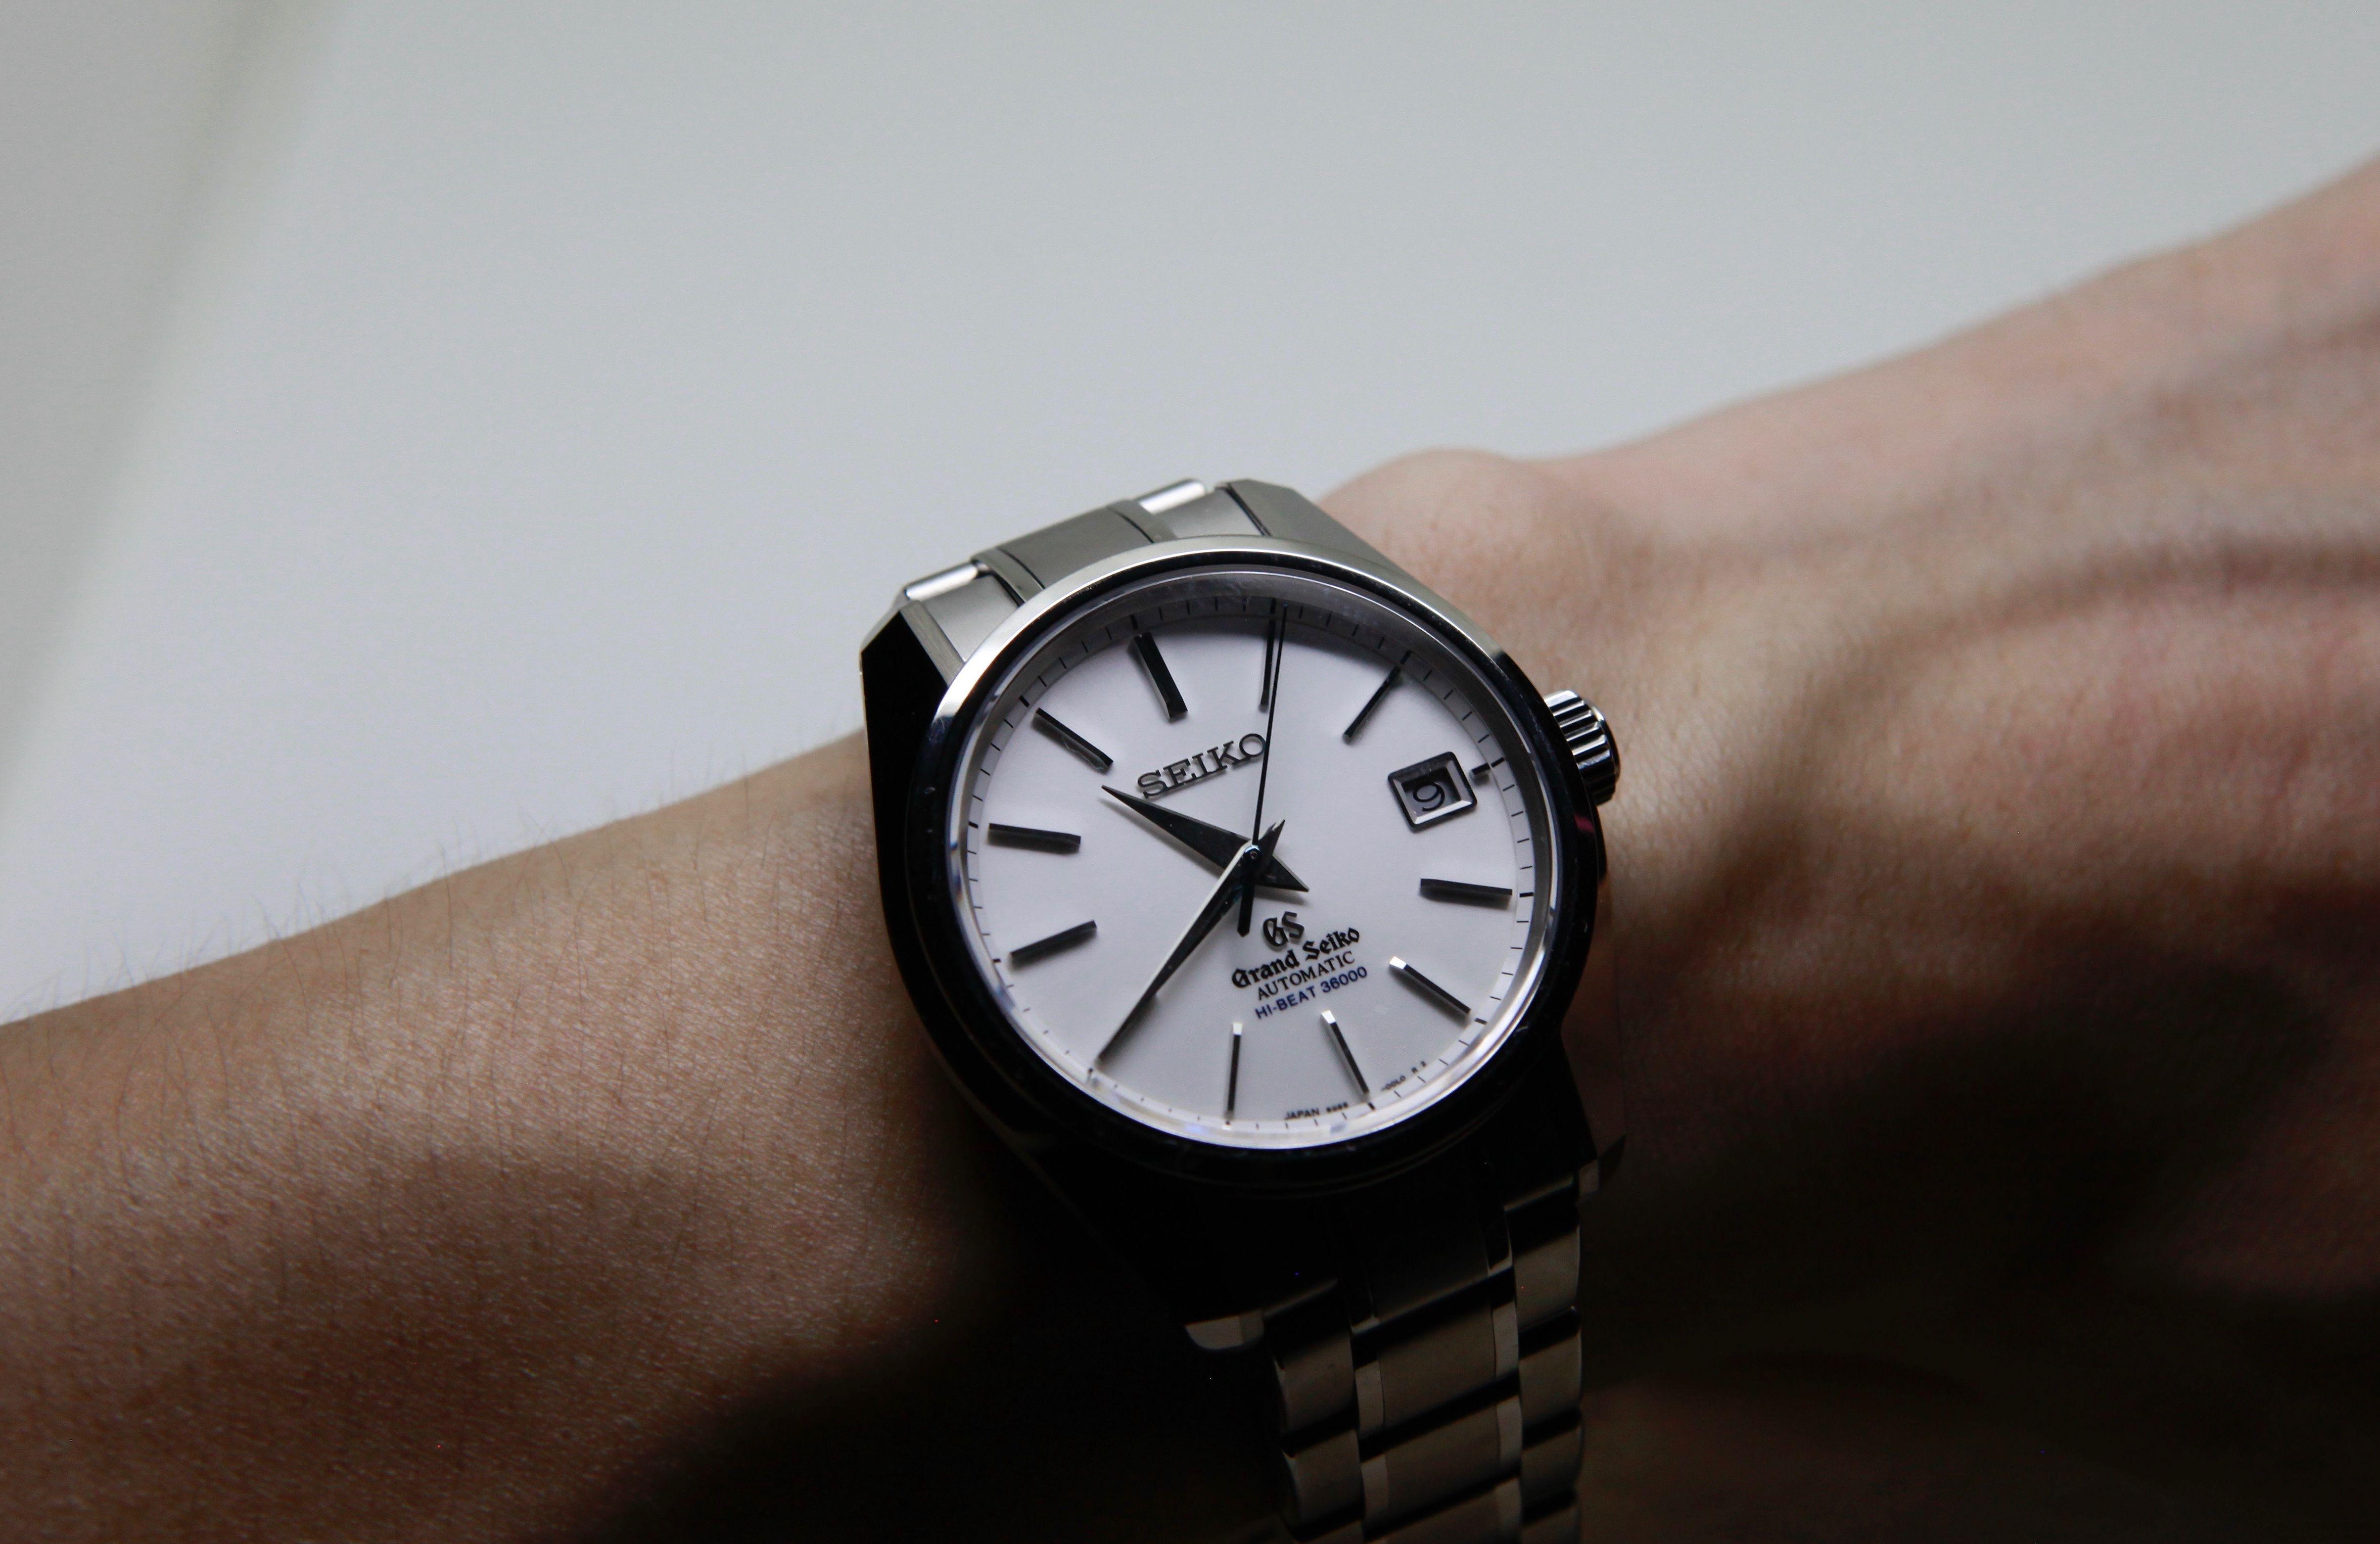 絕對細緻的精準時計:Grand Seiko自動上鍊36000轉白鈦腕錶